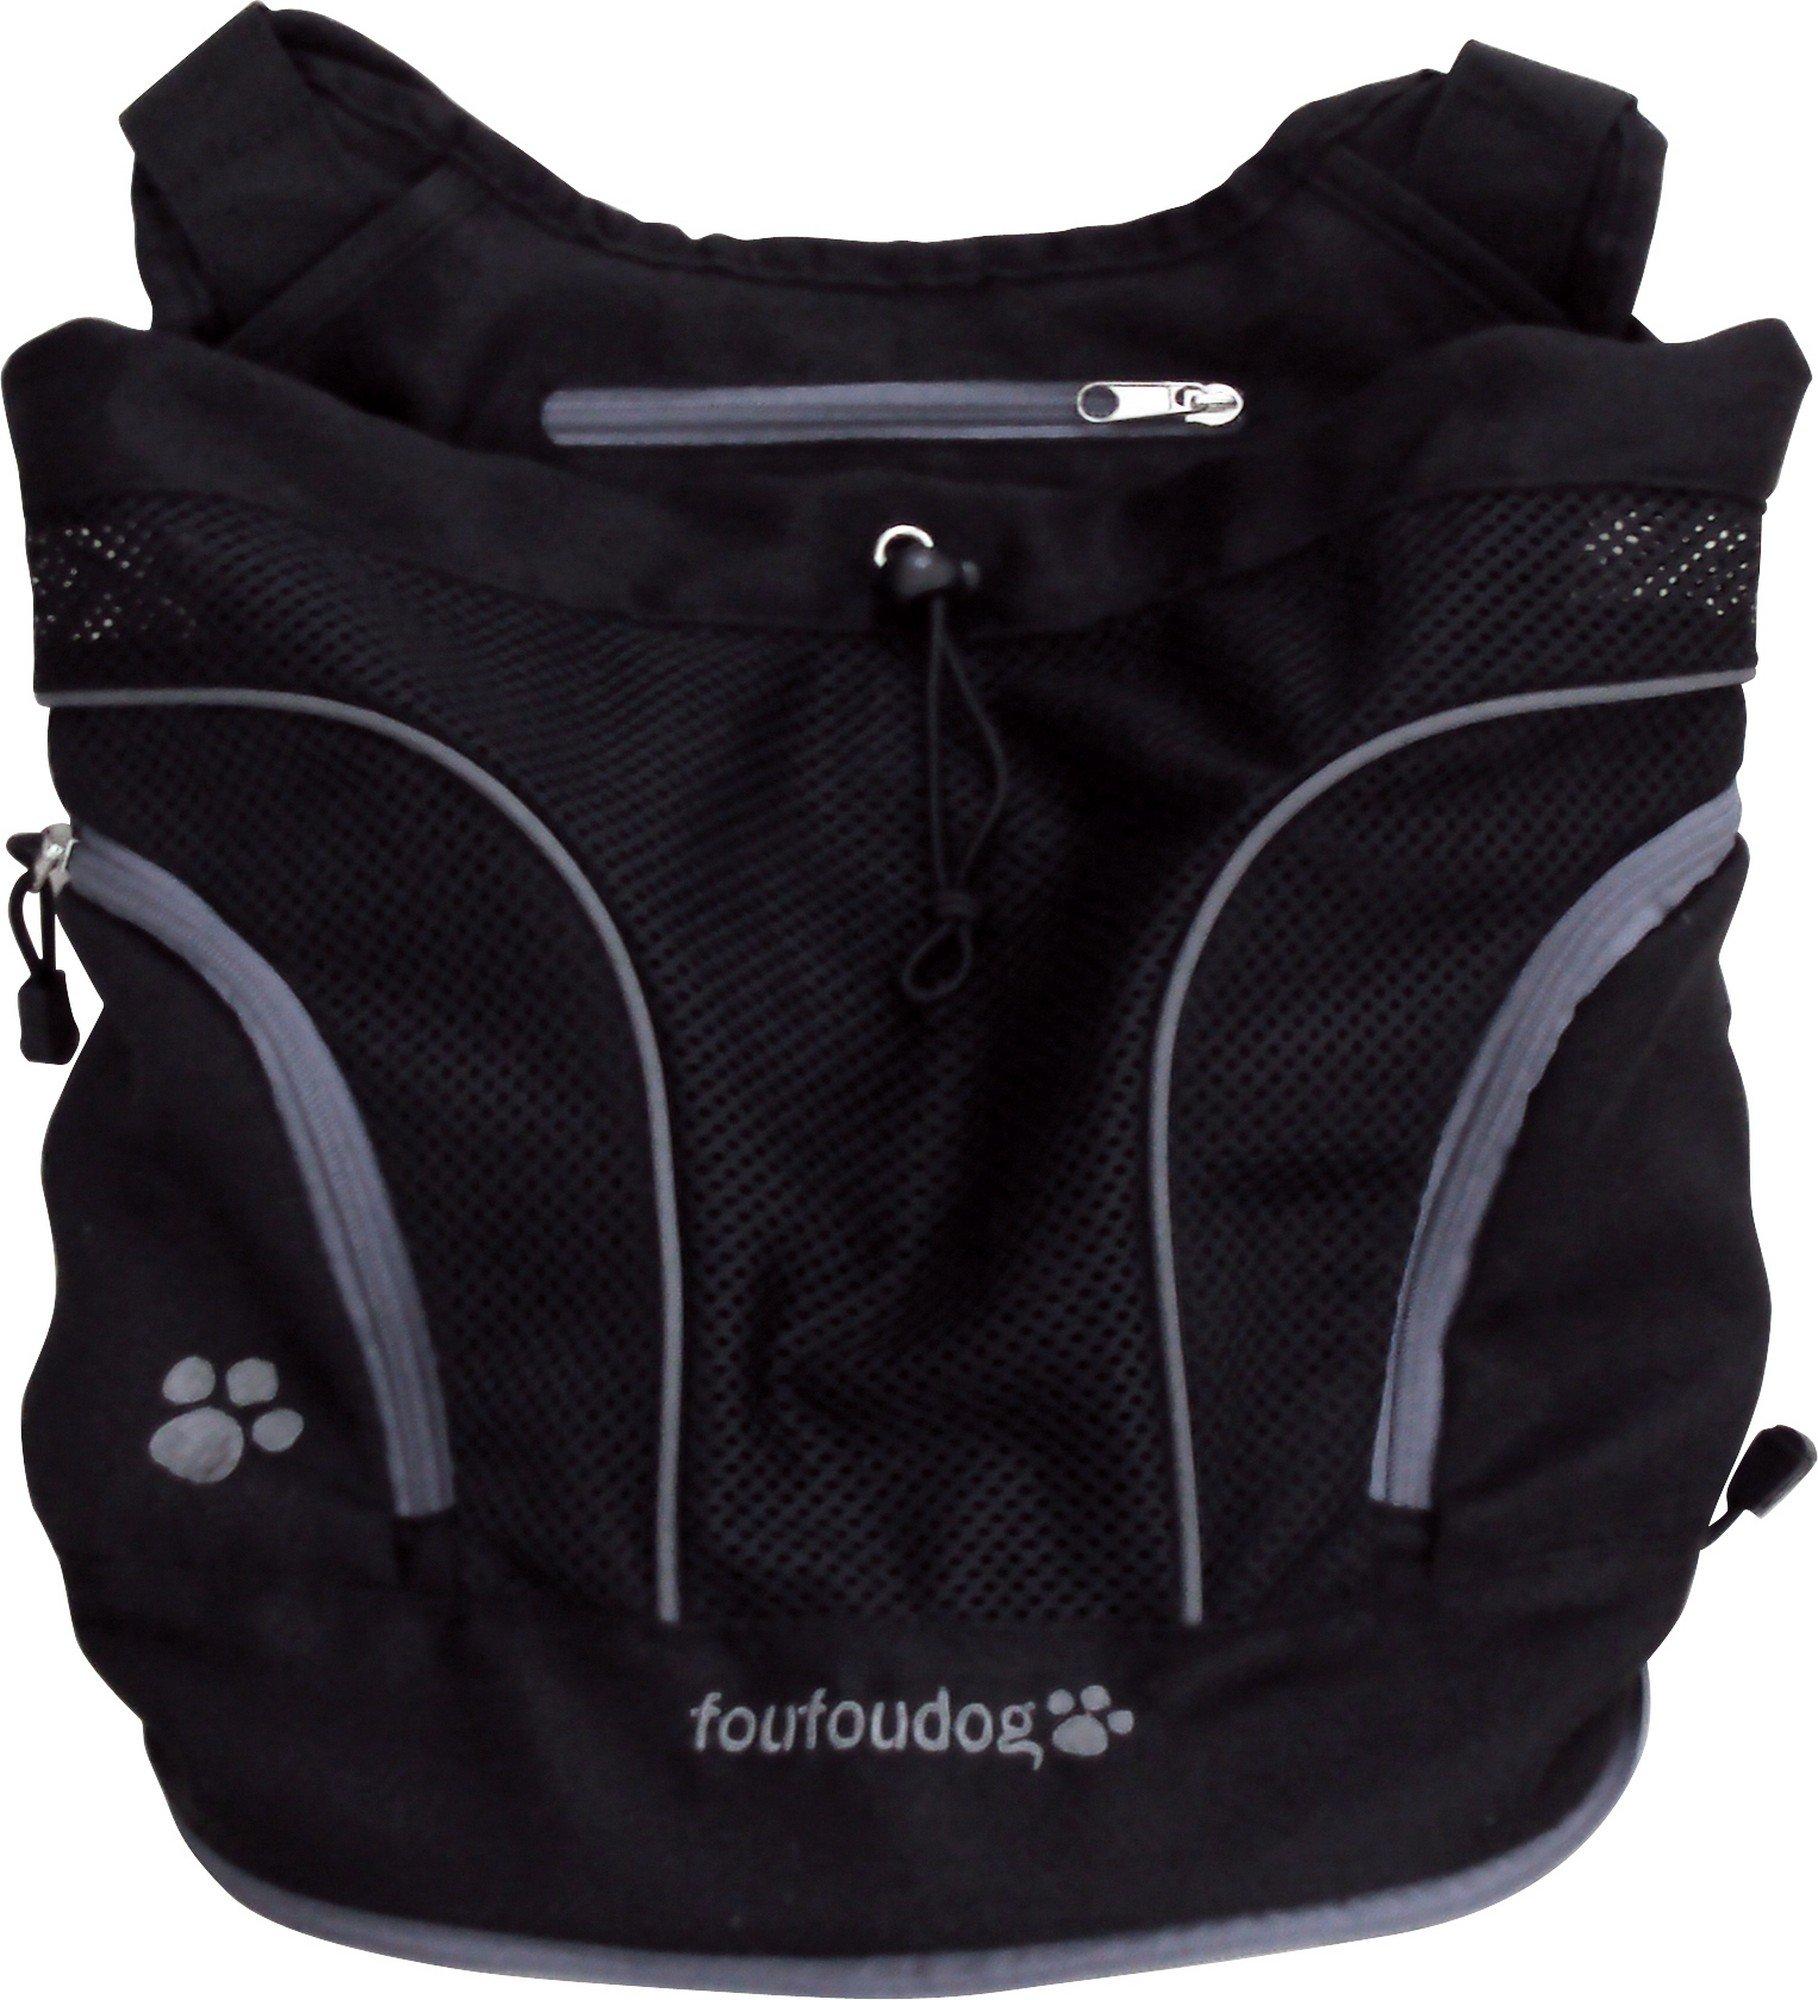 FouFou Dog Poochy Pouch, Black, Medium